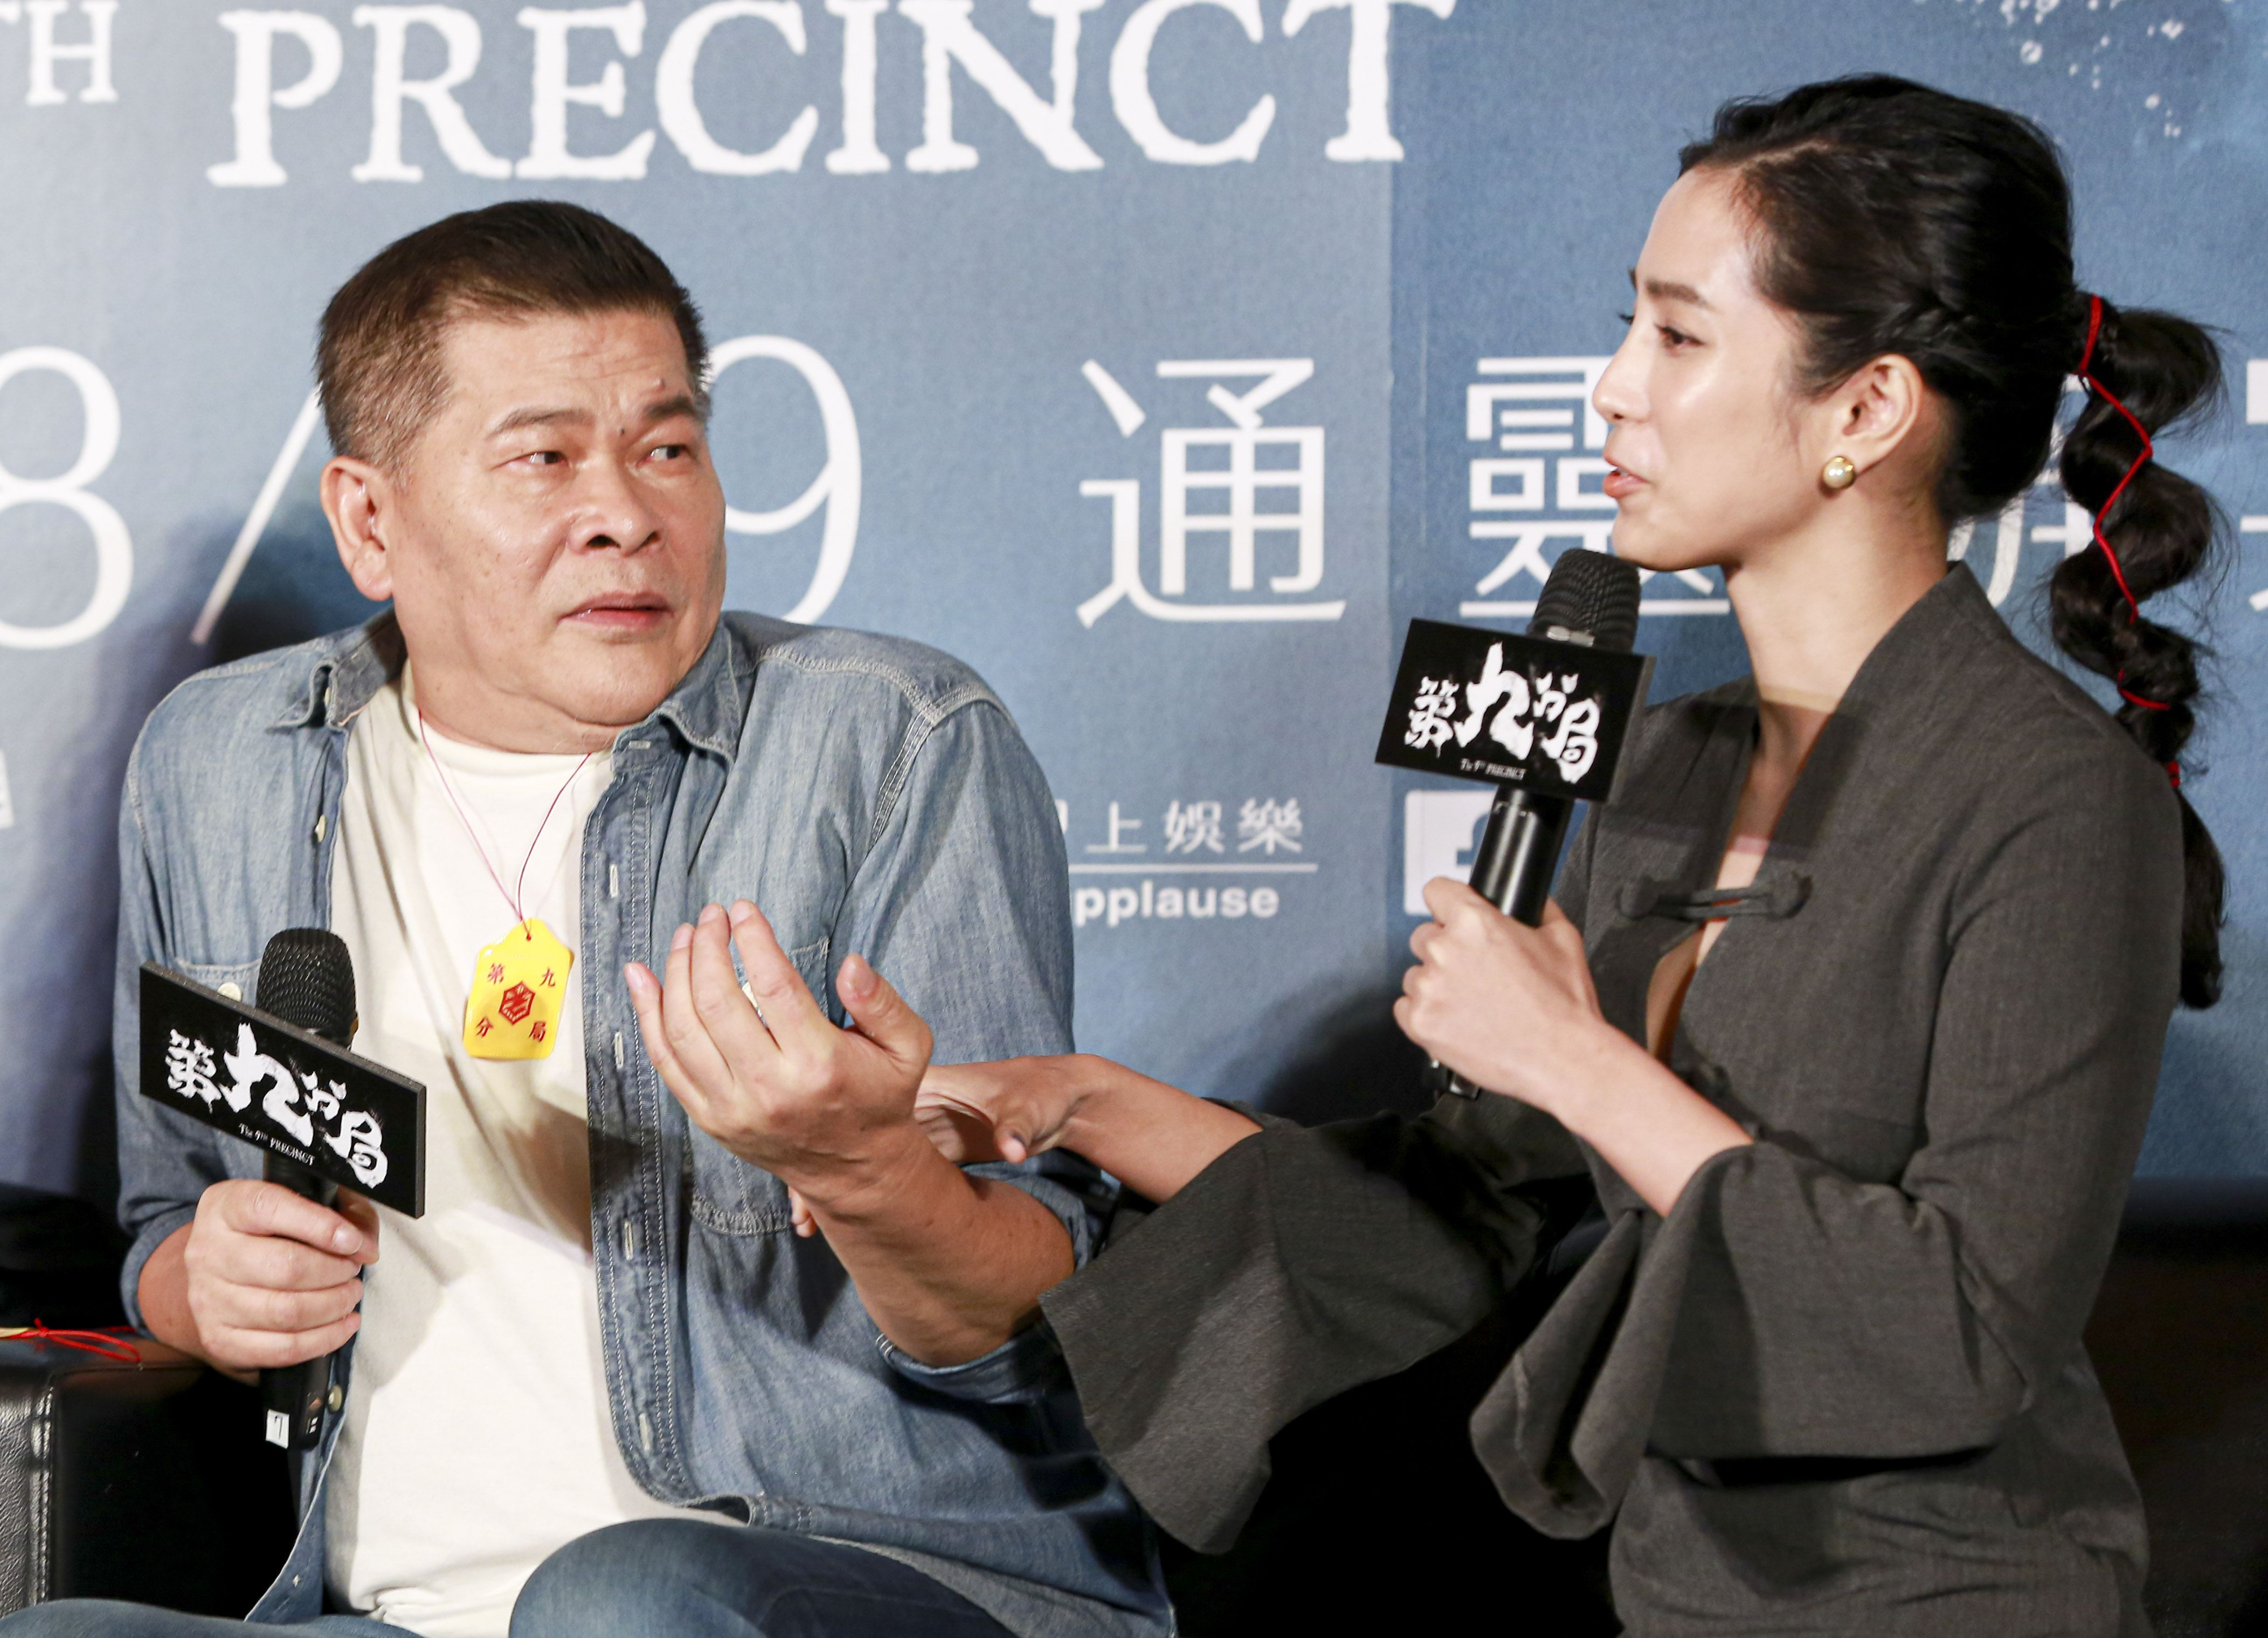 《第九分局》上映記者會,主演溫貞菱、澎恰恰 。(圖/記者林士傑攝影)